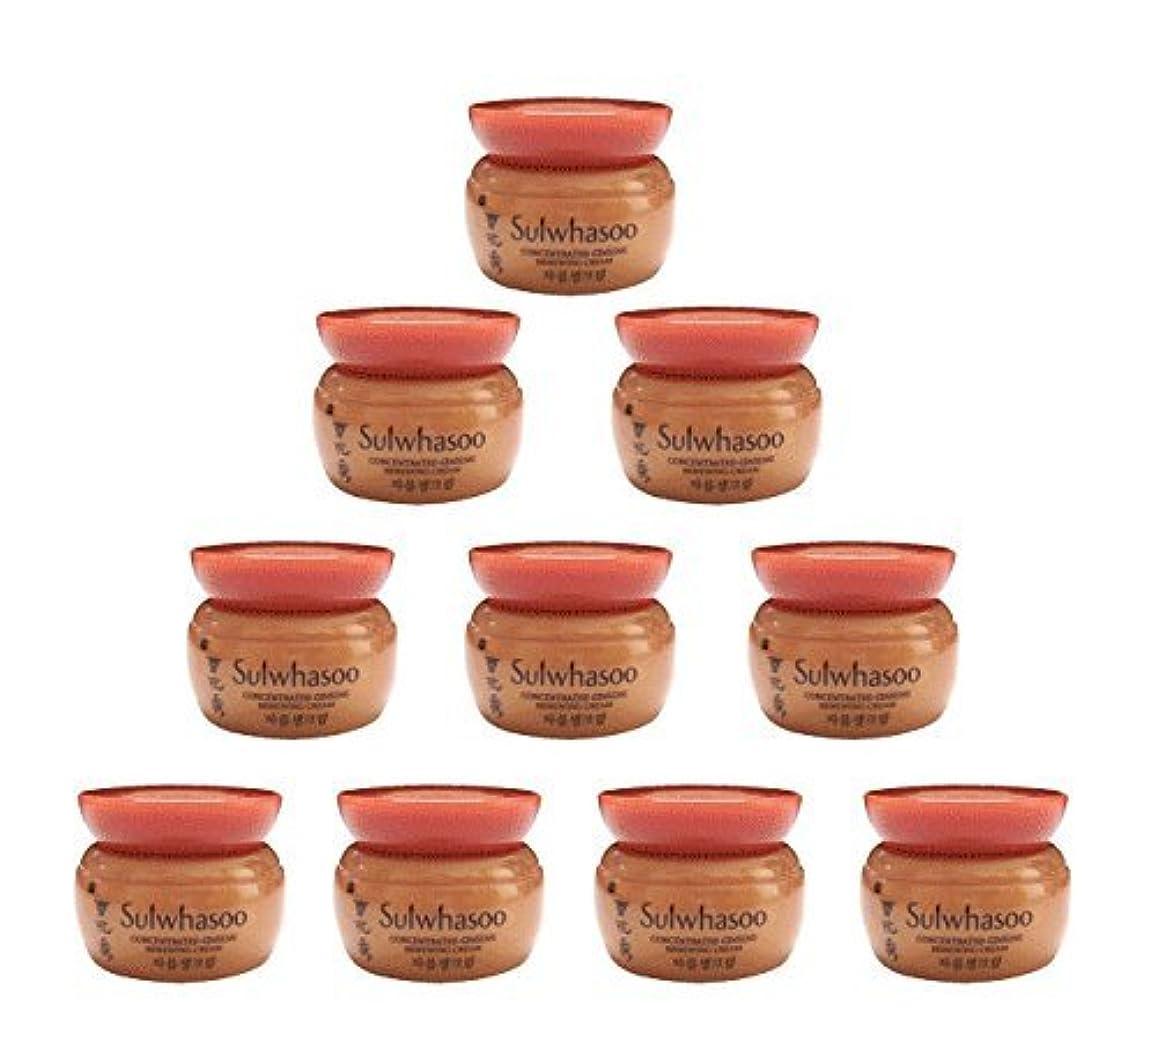 せっかち軽食行き当たりばったり【ソルファス 雪花秀 Sulwhasoo】 Concentrated Ginseng Renewing Cream(50ml) 5ml x 10個 韓国化粧品 ブランドのサンプル [並行輸入品]